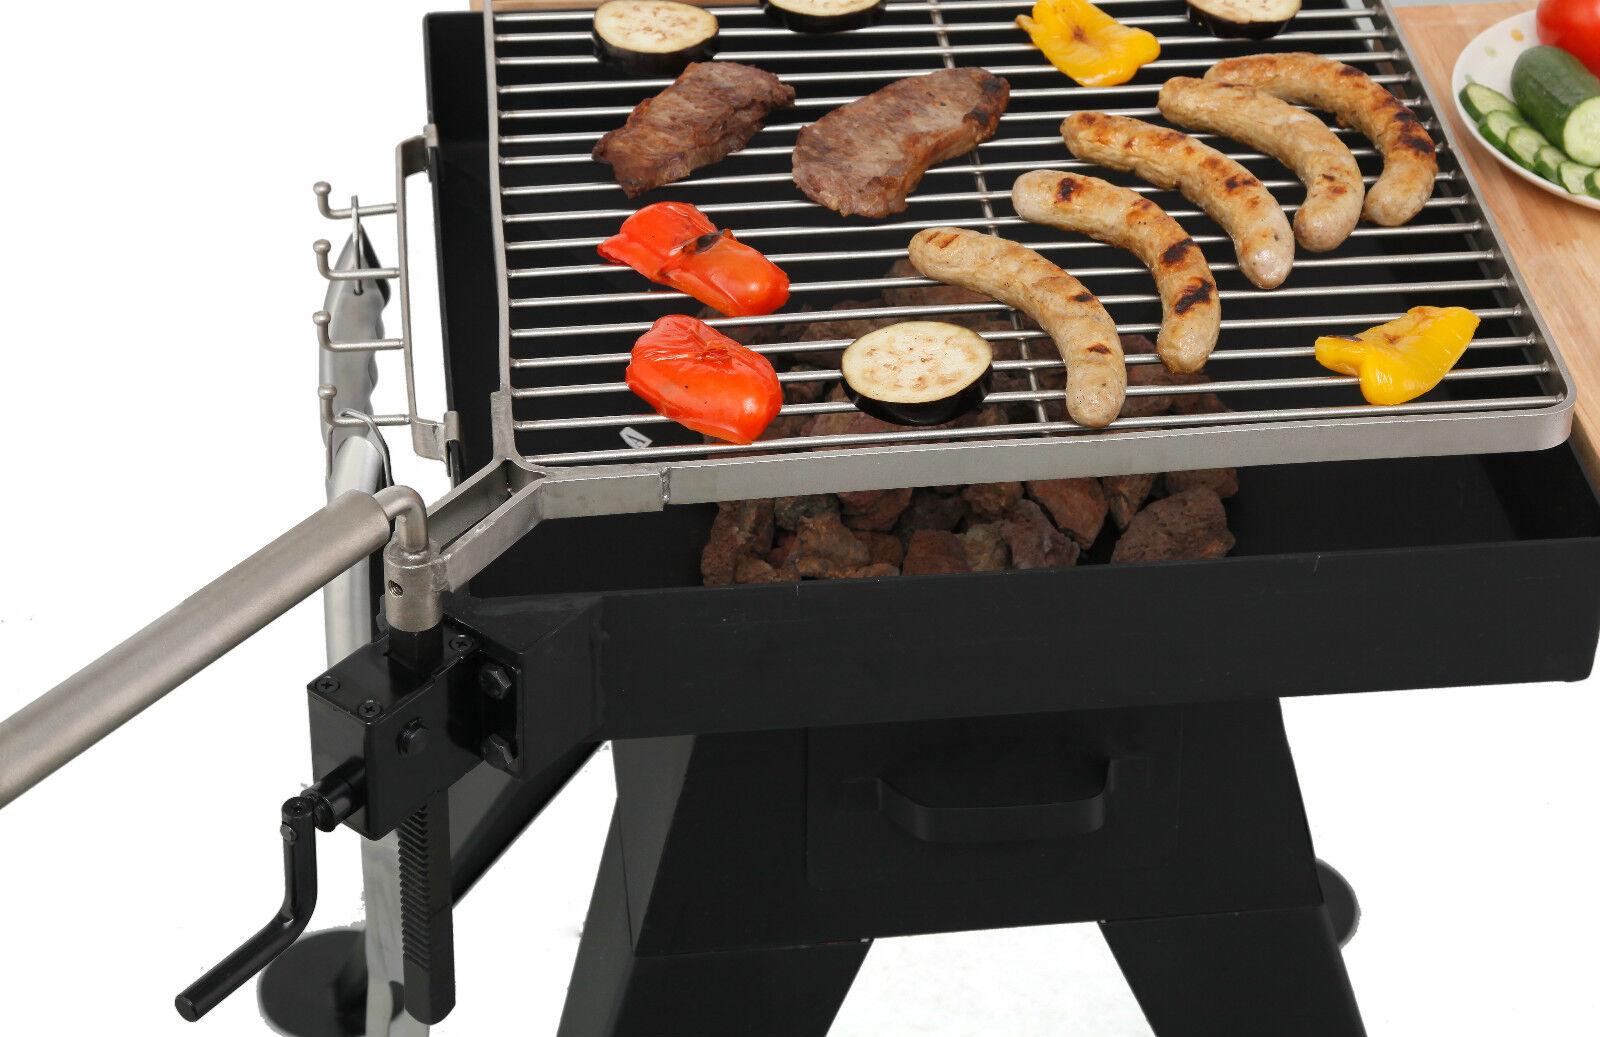 Tepro Holzkohlegrill Seaport : Tepro seaport grill ebay